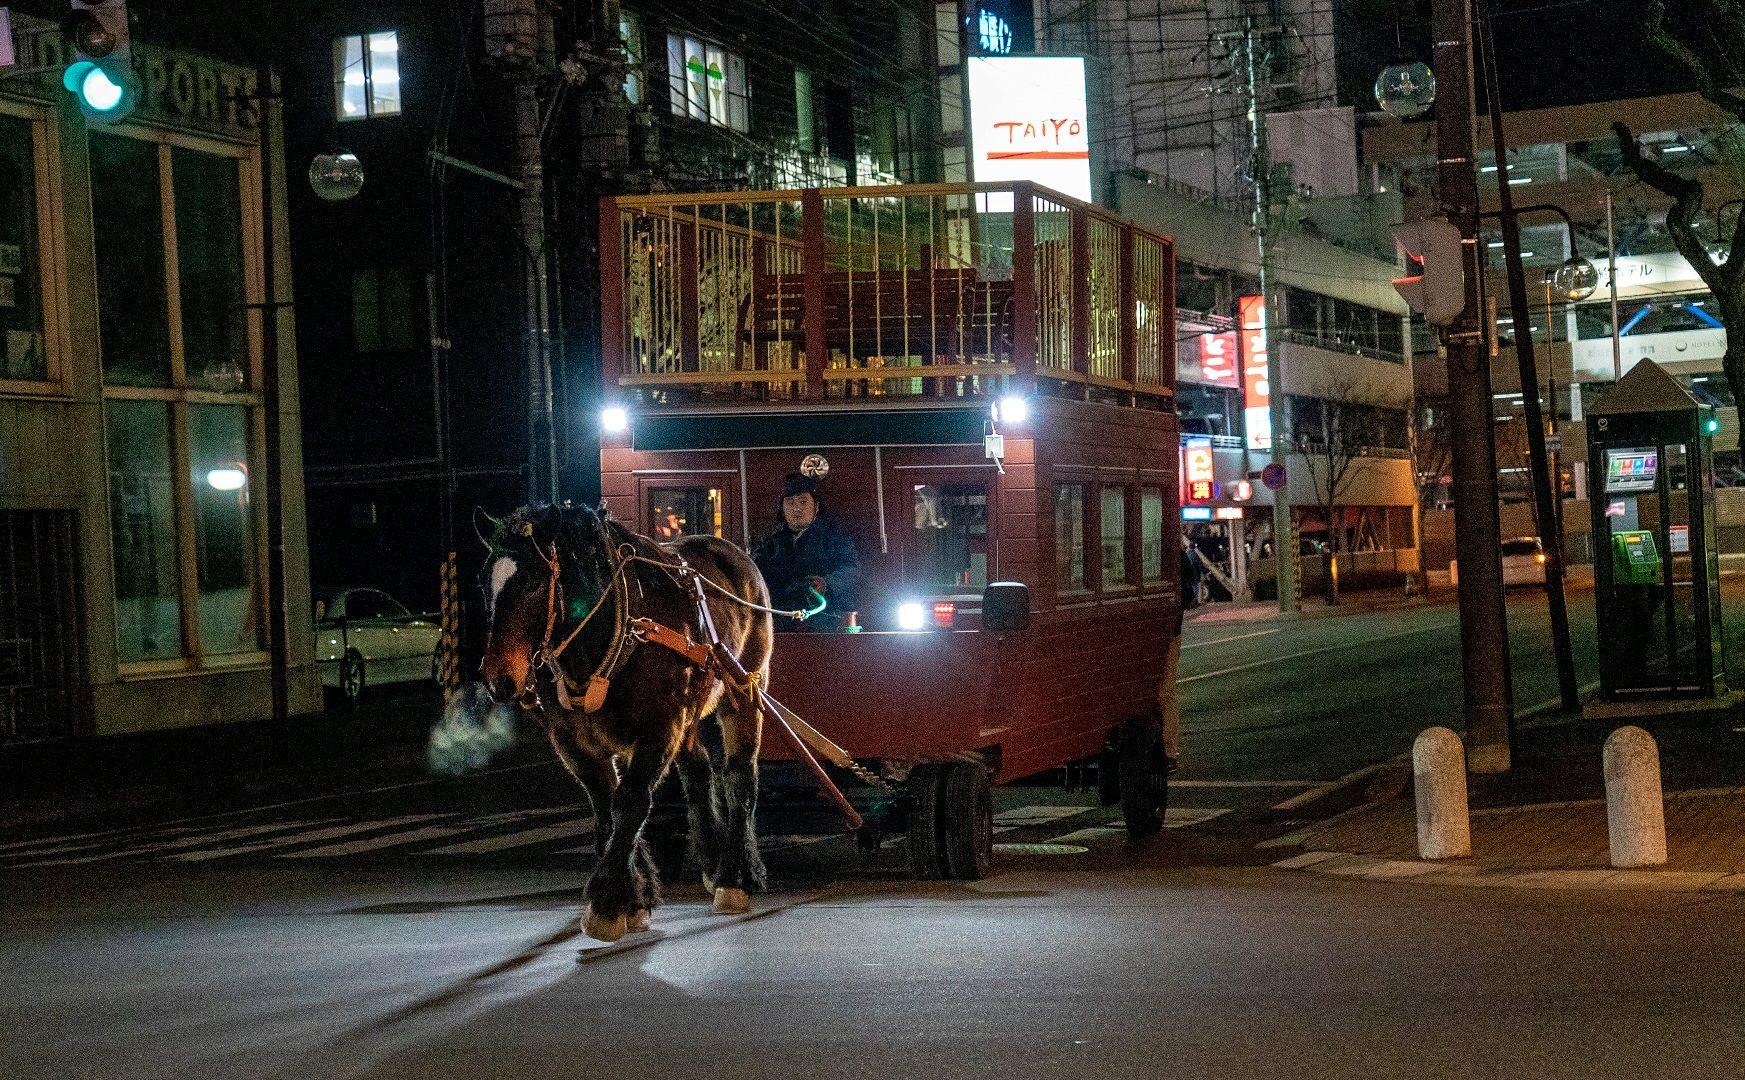 帯広の街中を大きな馬が闊歩する! 馬車BARが新たな観光の目玉に